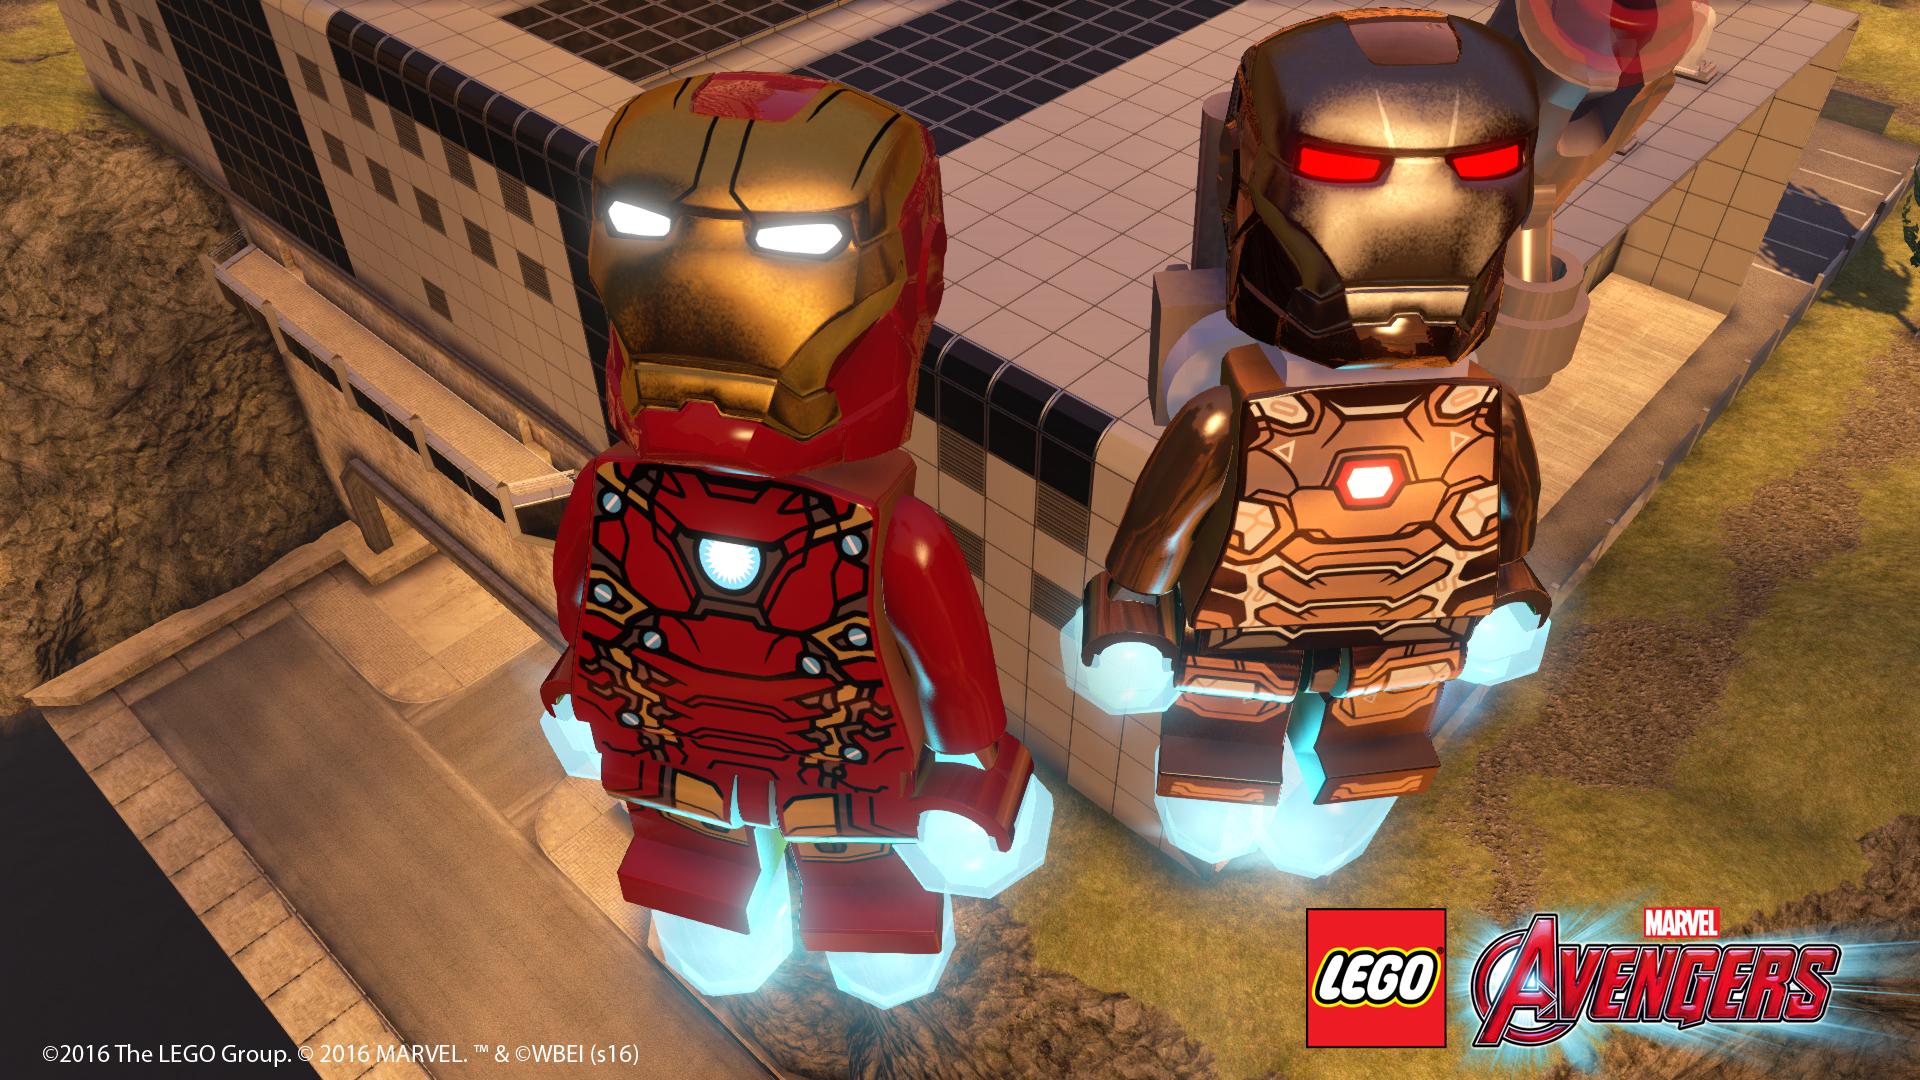 Quicksilver Avengers 2 Costume Two LEGO Marvel's Av...